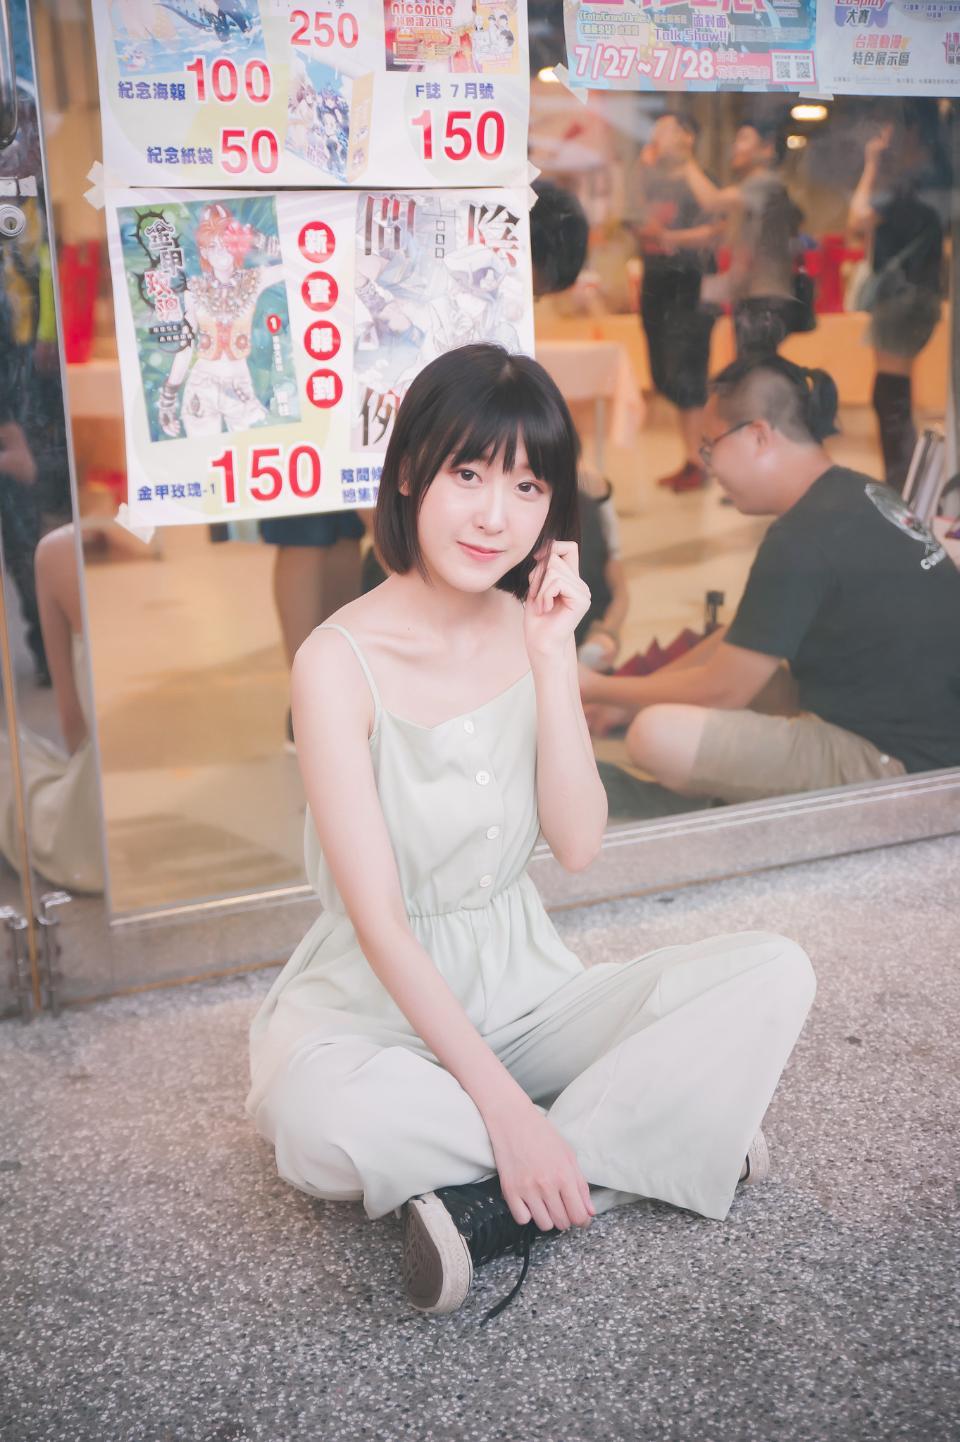 アニメコスプレ衣装かわいい日本の女の子